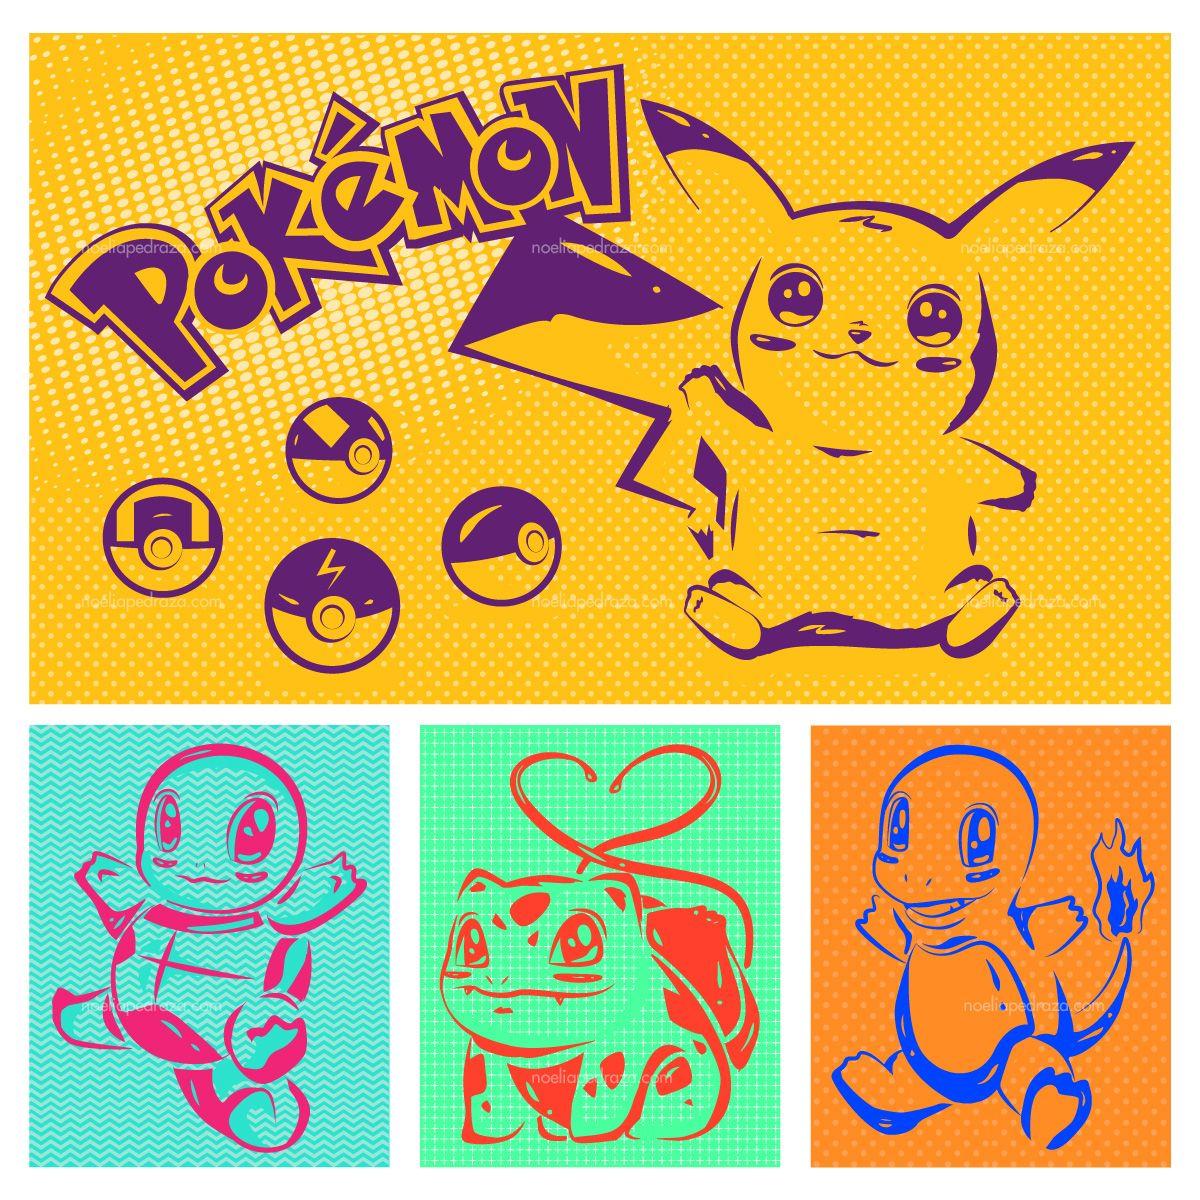 Ilustración de Pokemon estilo Pop Art